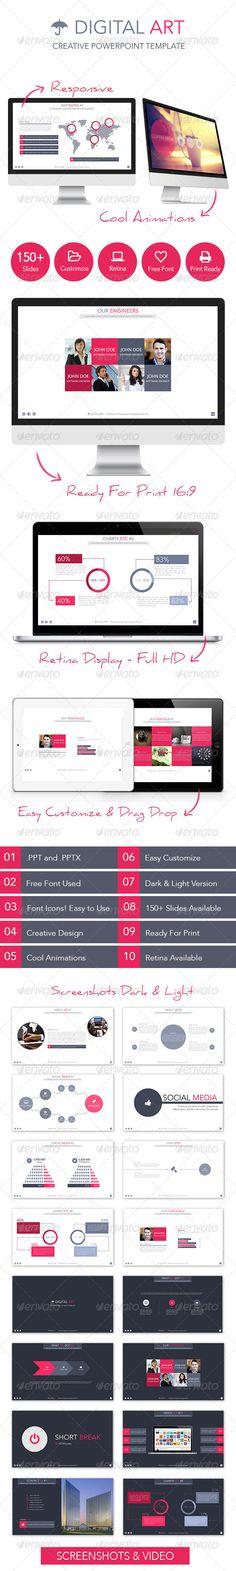 Digital Art - Creative Powerpoint Template